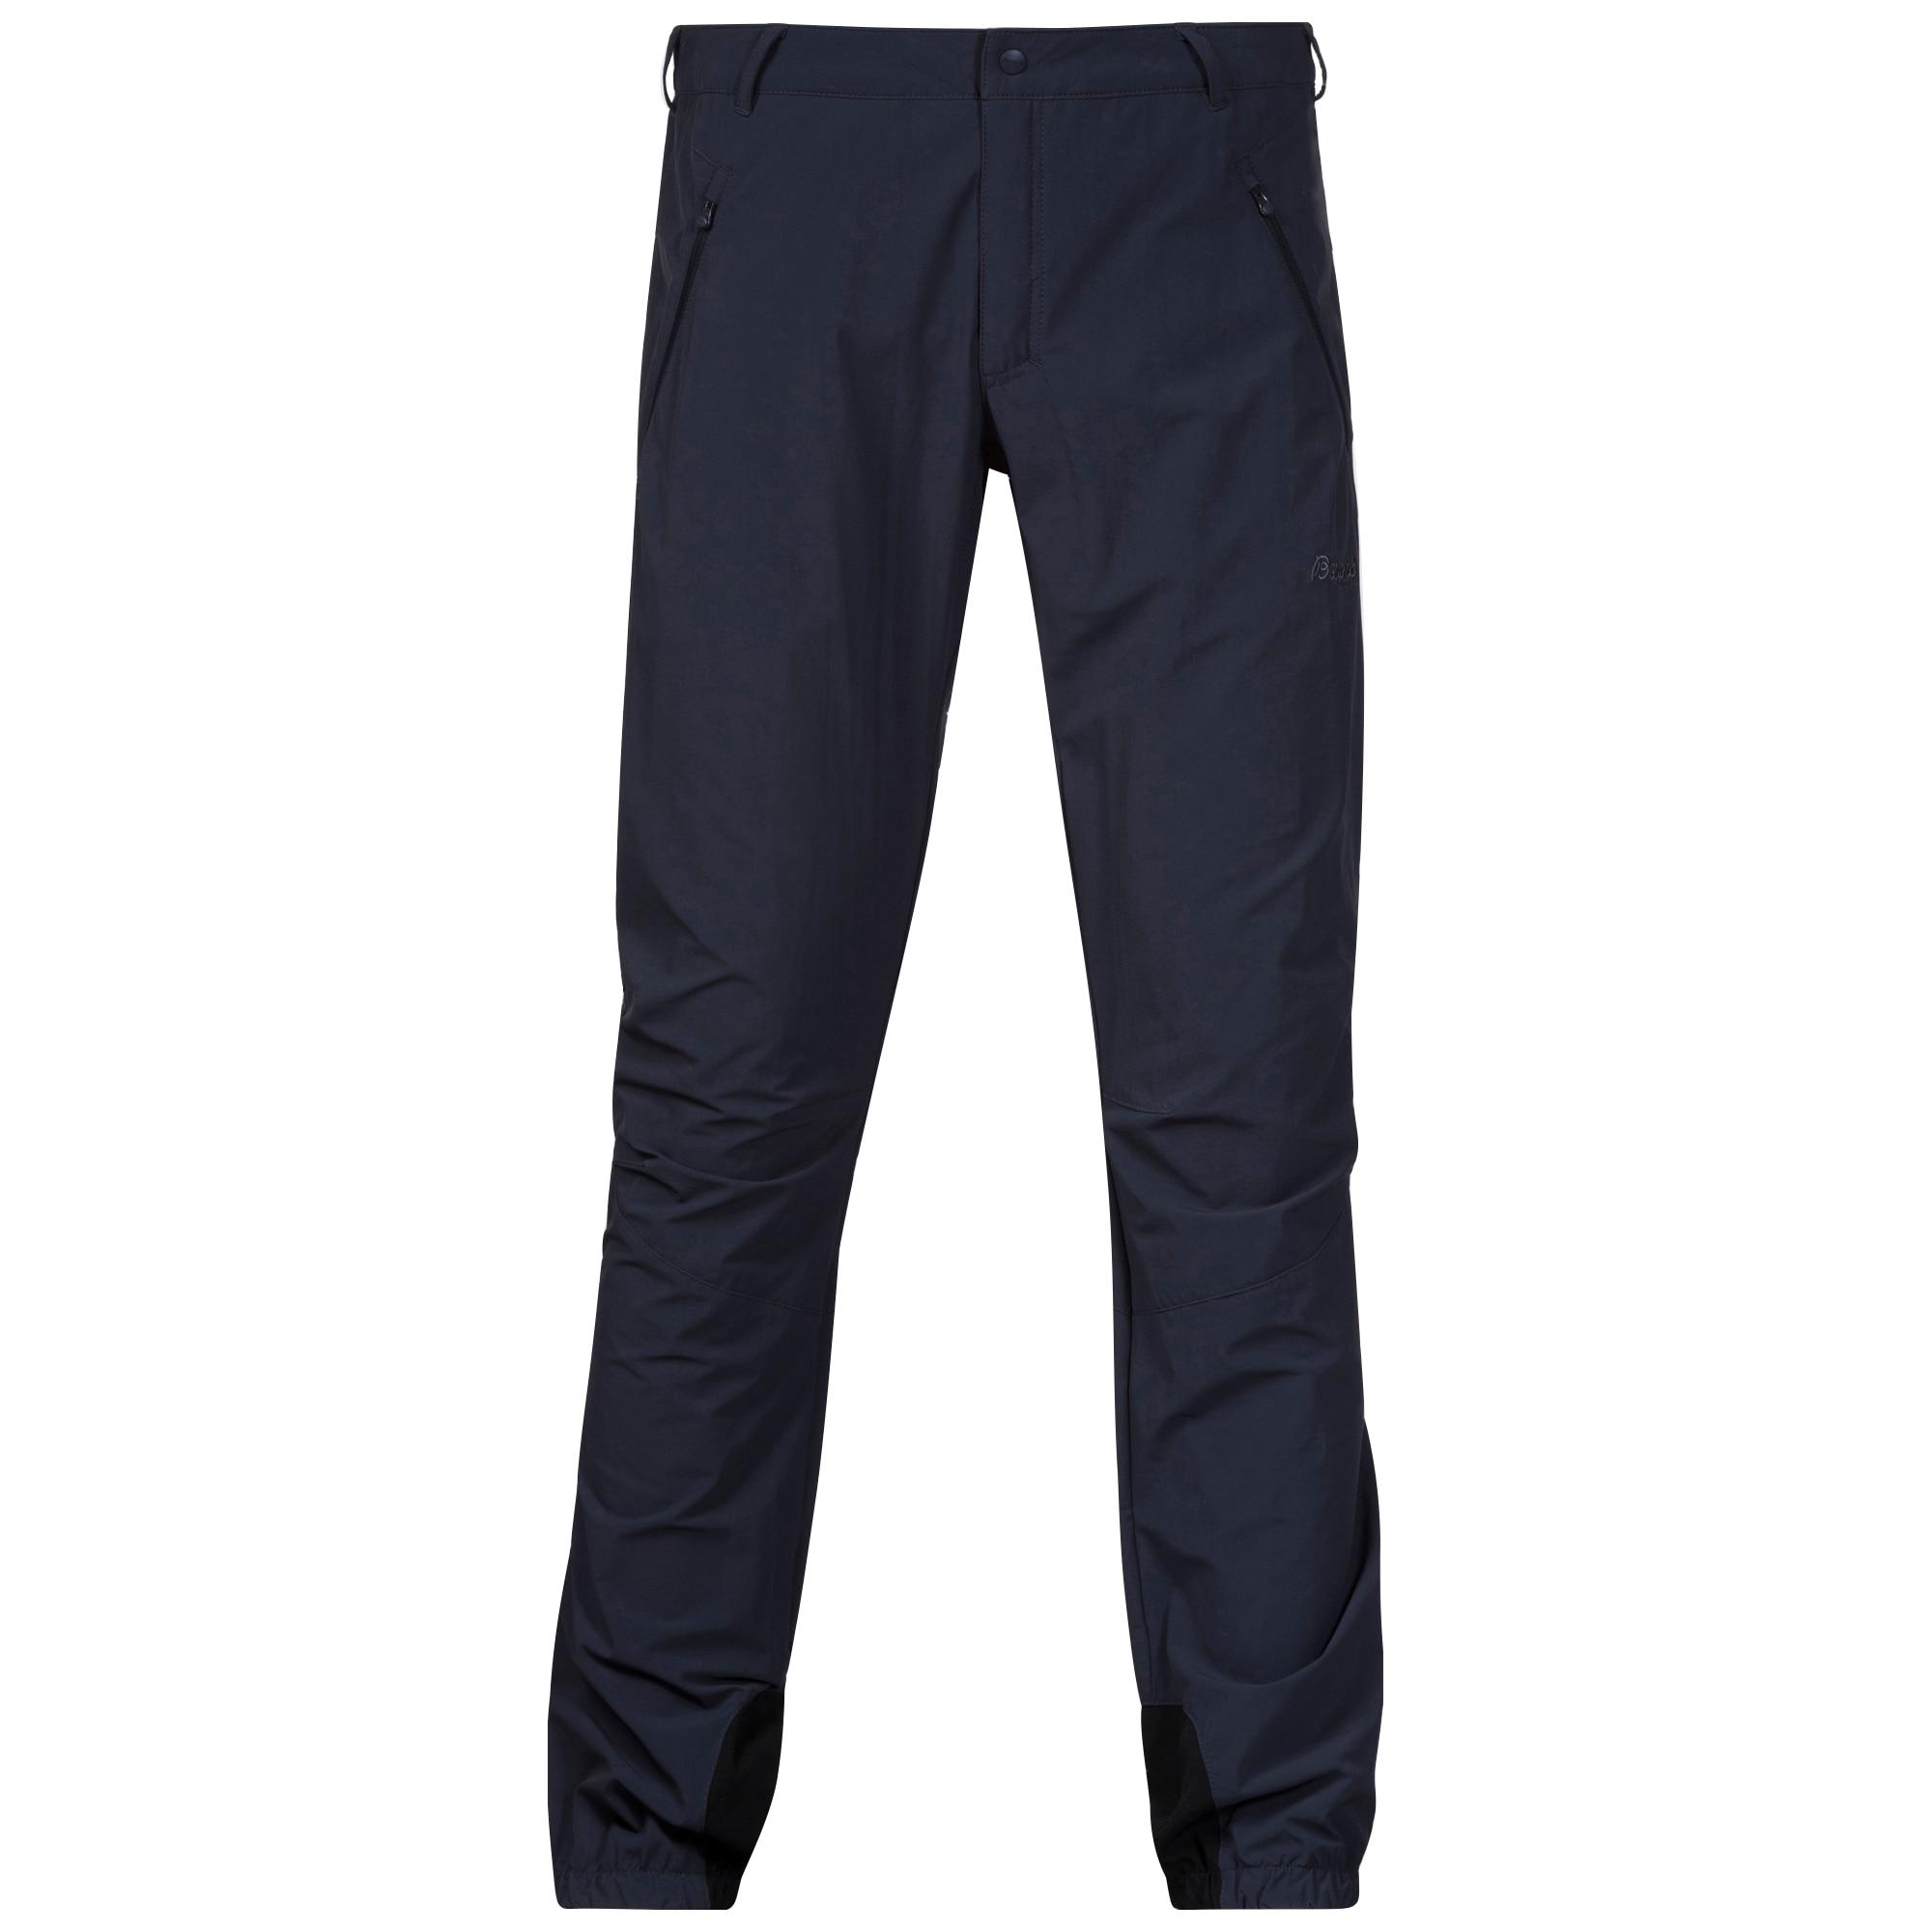 Bera Pants